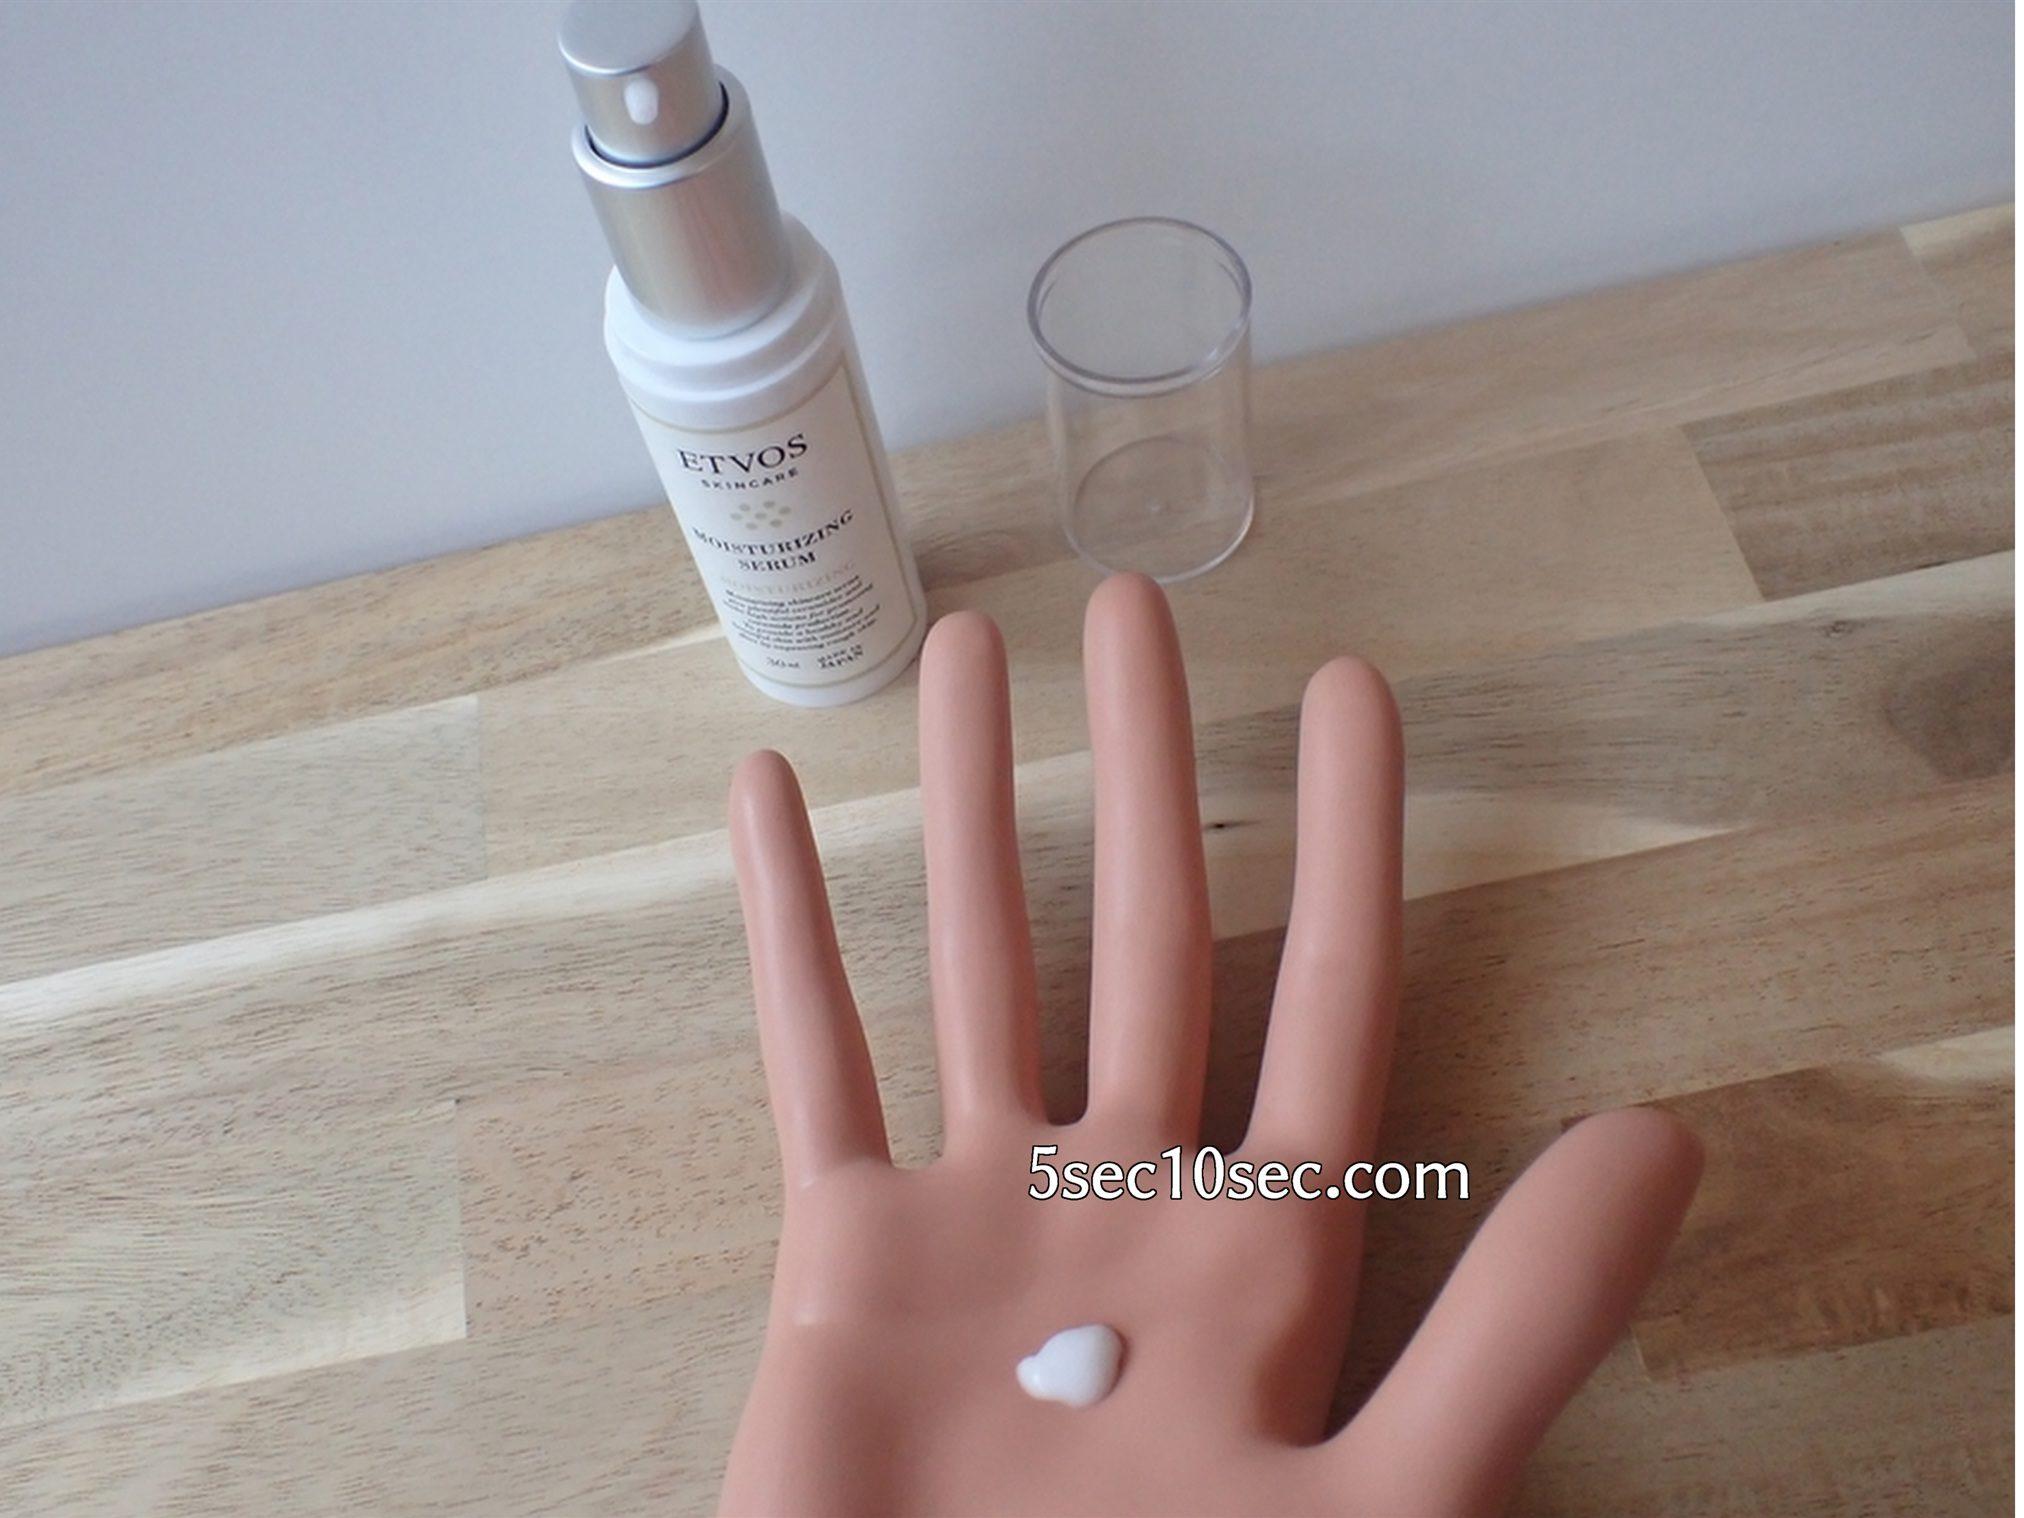 エトヴォス ETVOS モイスチャライジングローションS モイスチャライジングセラムS モイスチャーラインSサイズセット 保湿美容液・乳液のテクスチャーをハンドマネキンで表現しました